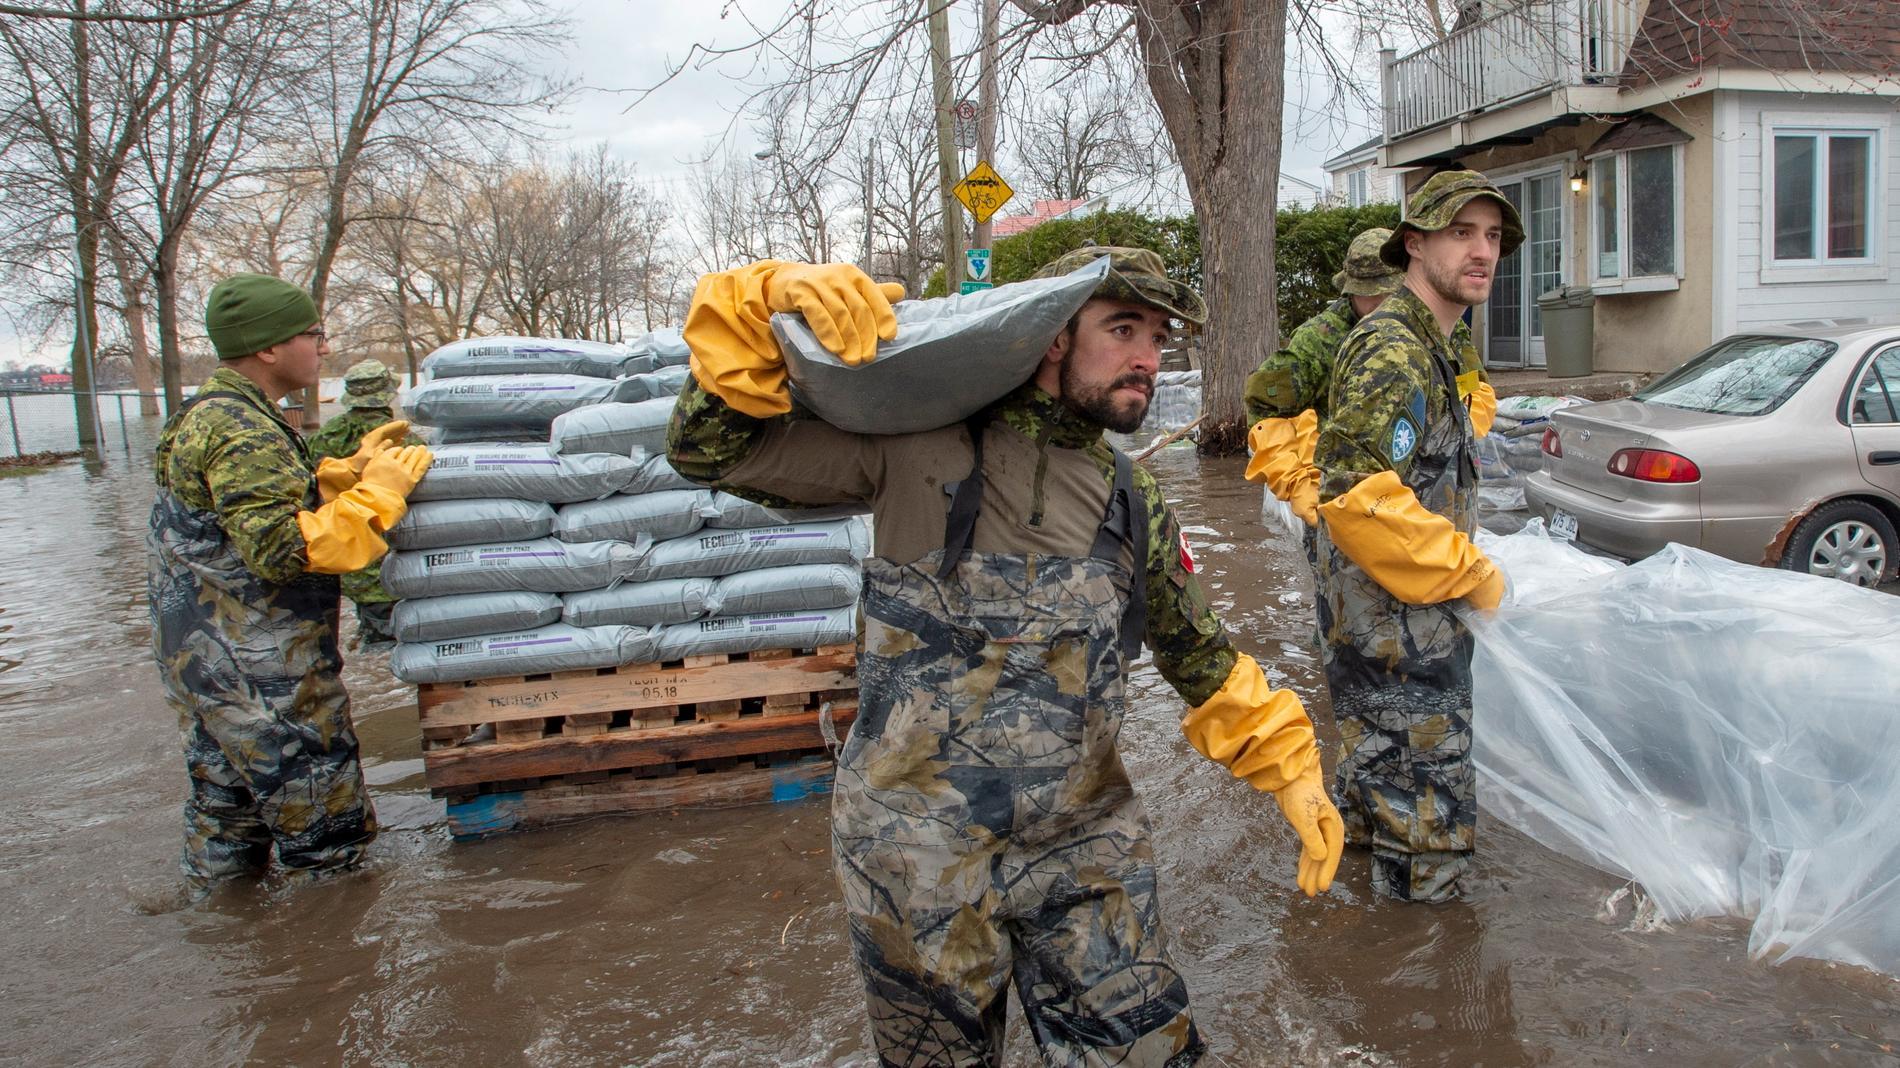 Kanadensiska soldater bär sandsäckar mot översvämningar i Laval, Quebec.